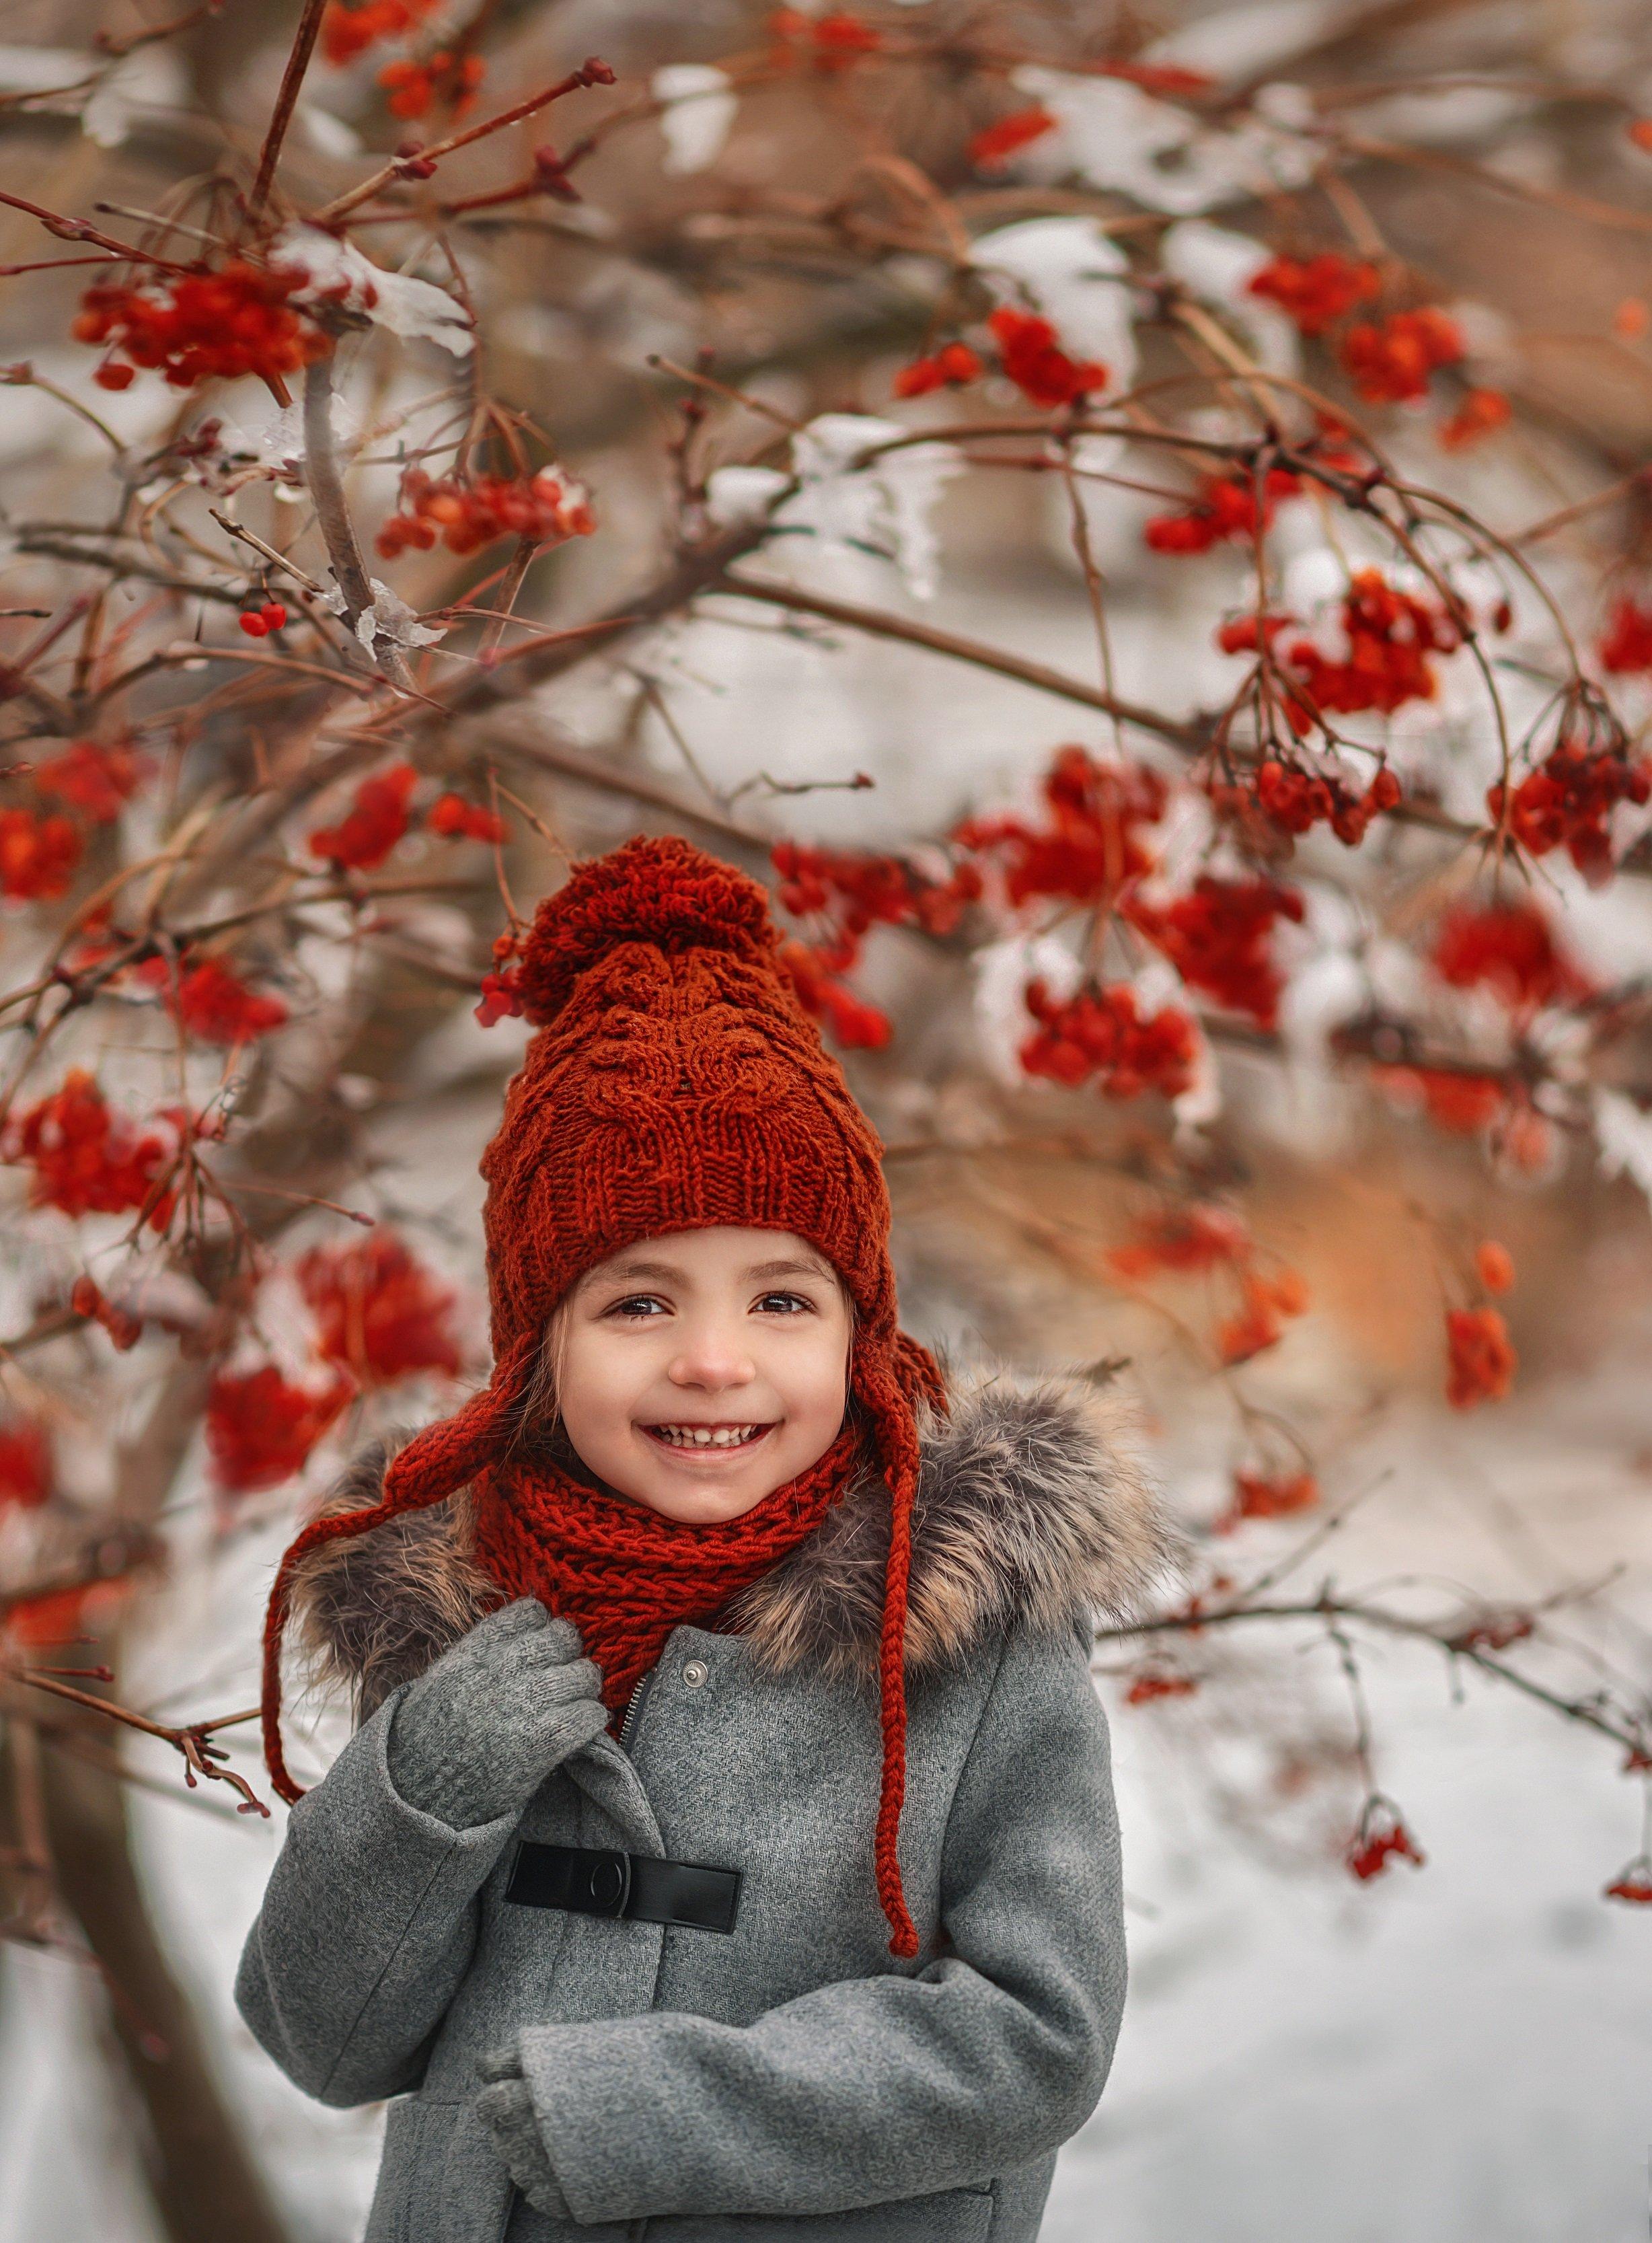 дети,зима, январь.детство,девочка,счастье,детский смех,новый год,рябина ,детский портрет,, Ilona